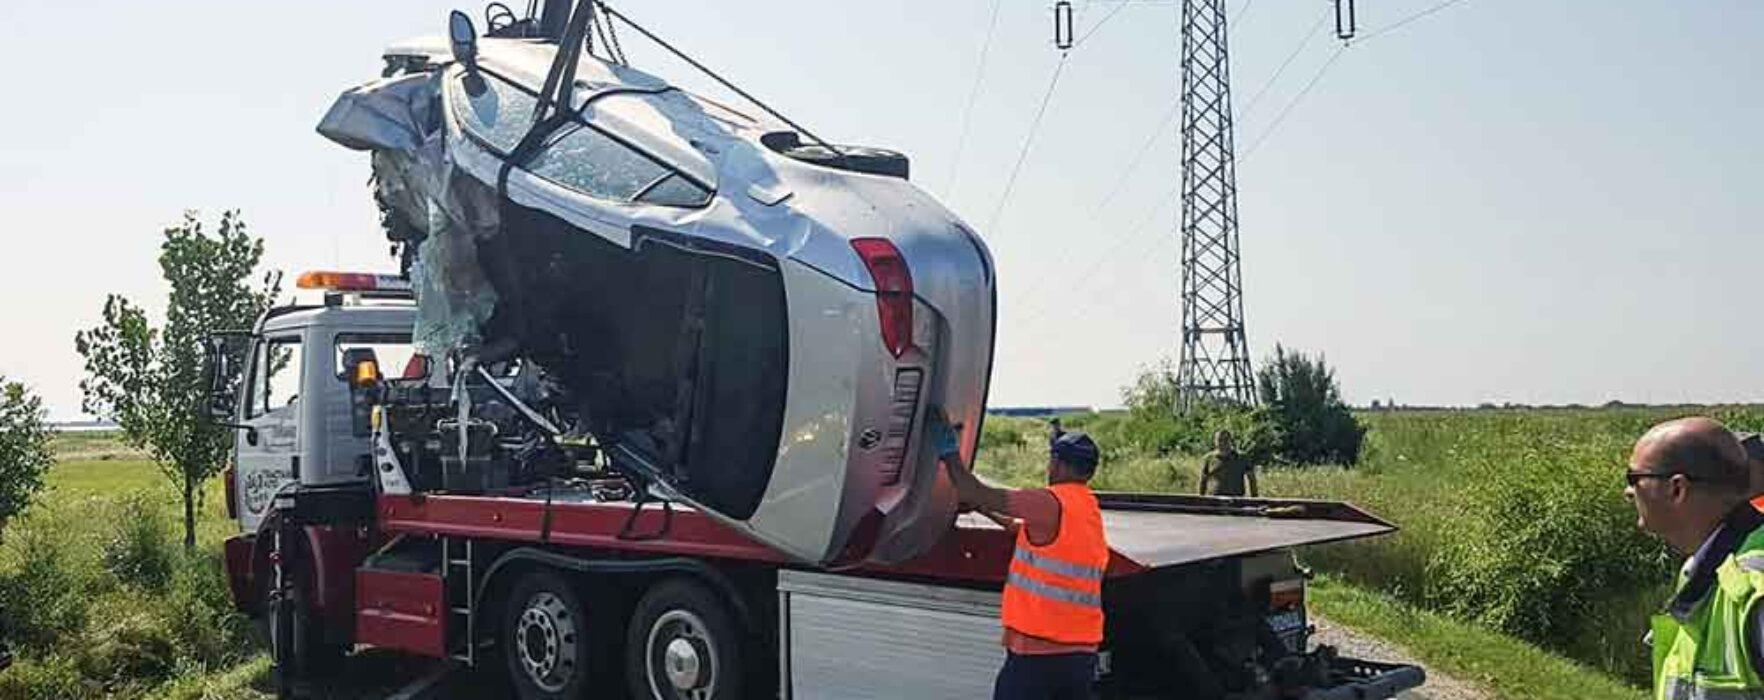 Patru persoane decedate într-un accident pe DN 71 Târgovişte-Bucureşti